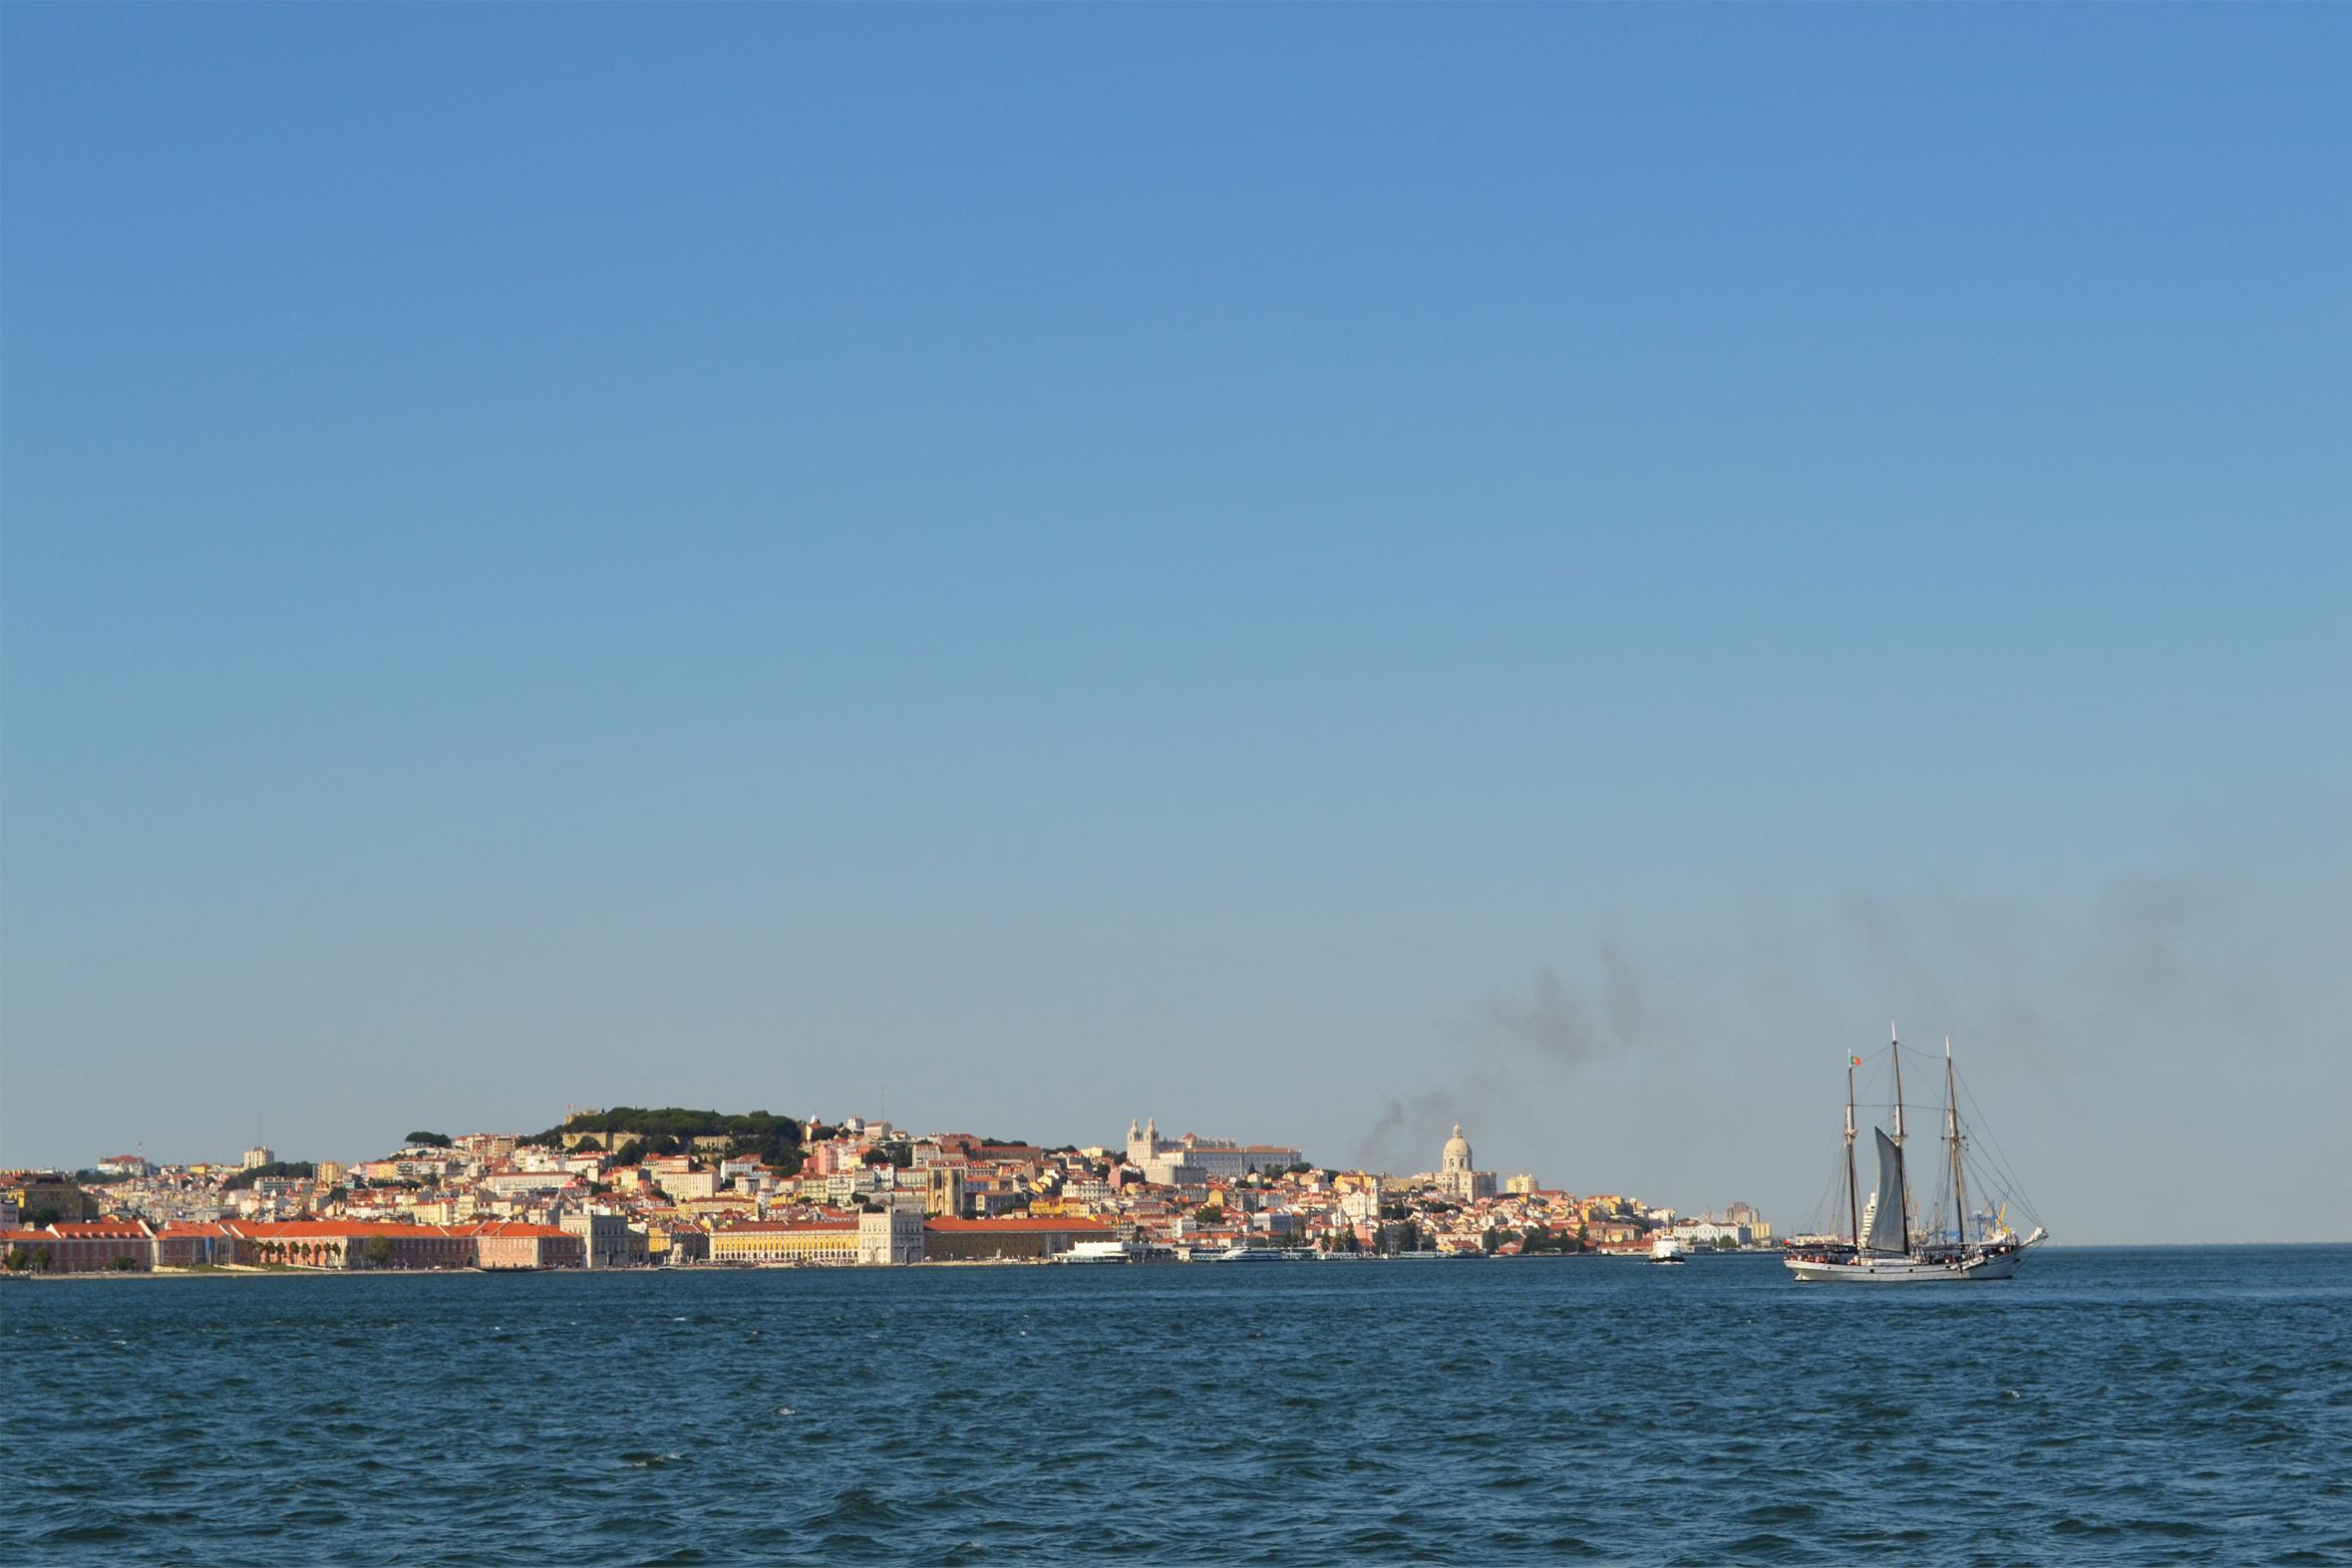 Baie du Tage à Lisbonne